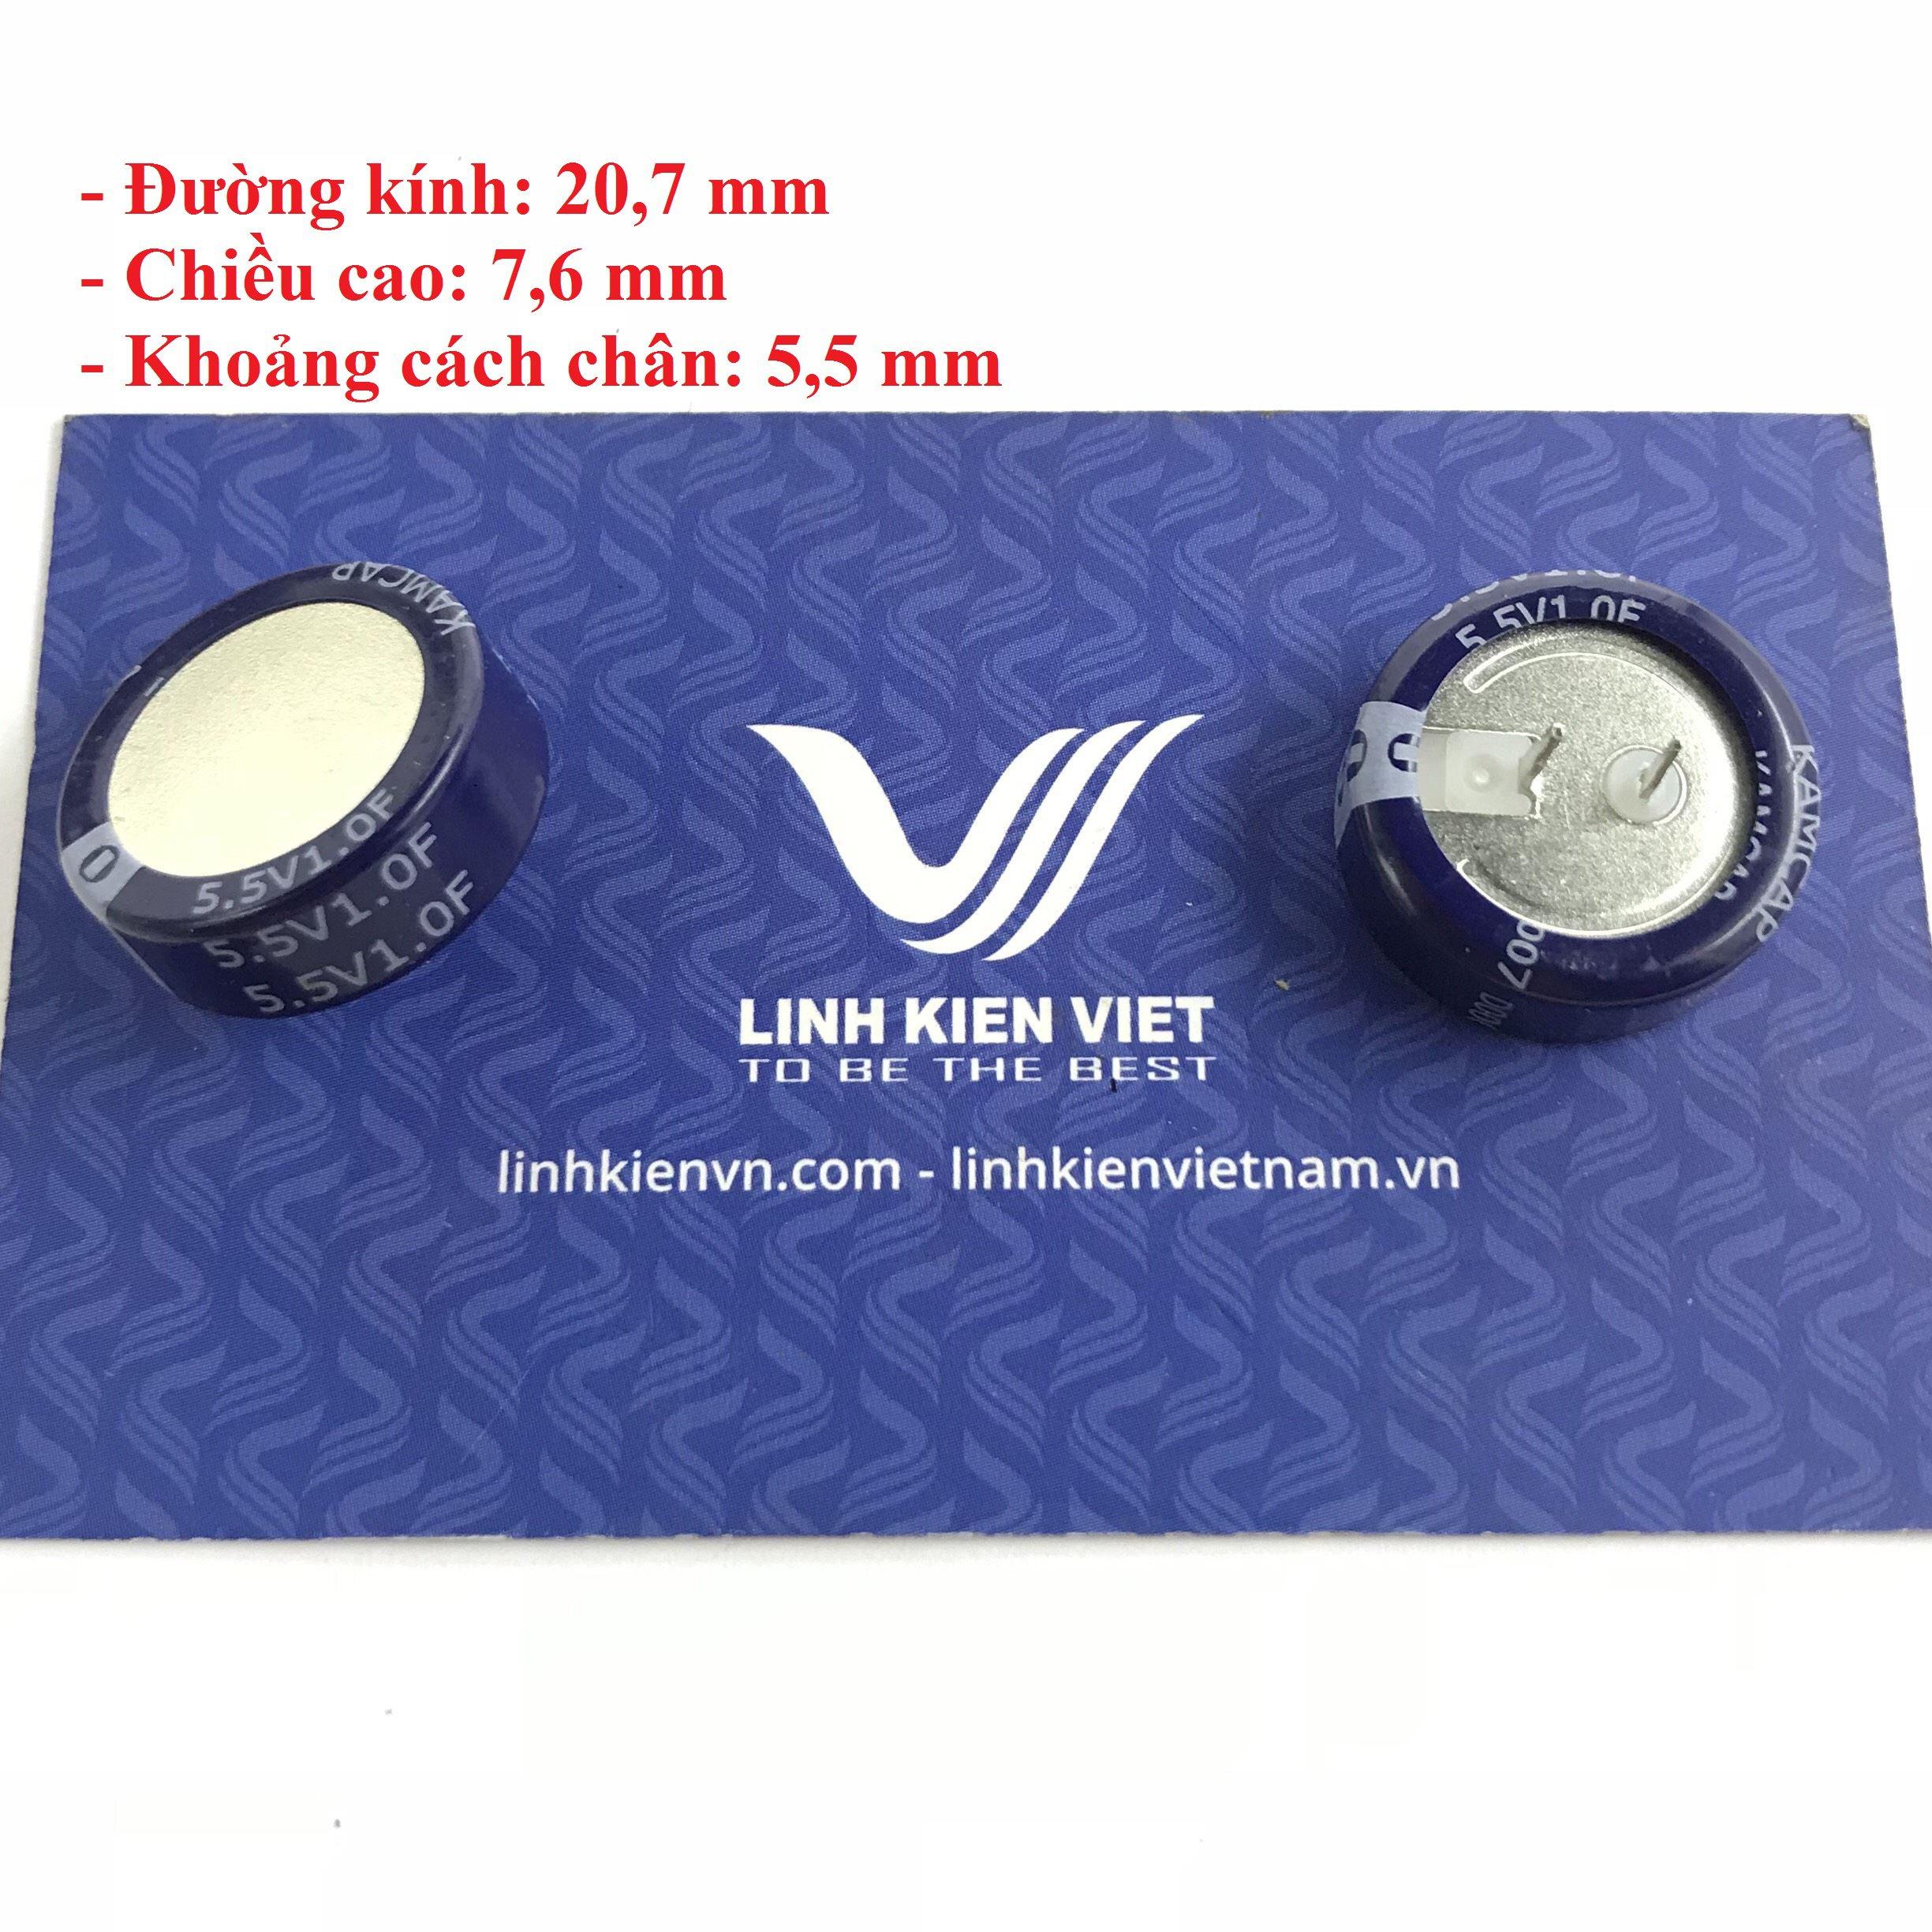 Siêu tụ điện 1F 5.5V dạng nằm - X4H9